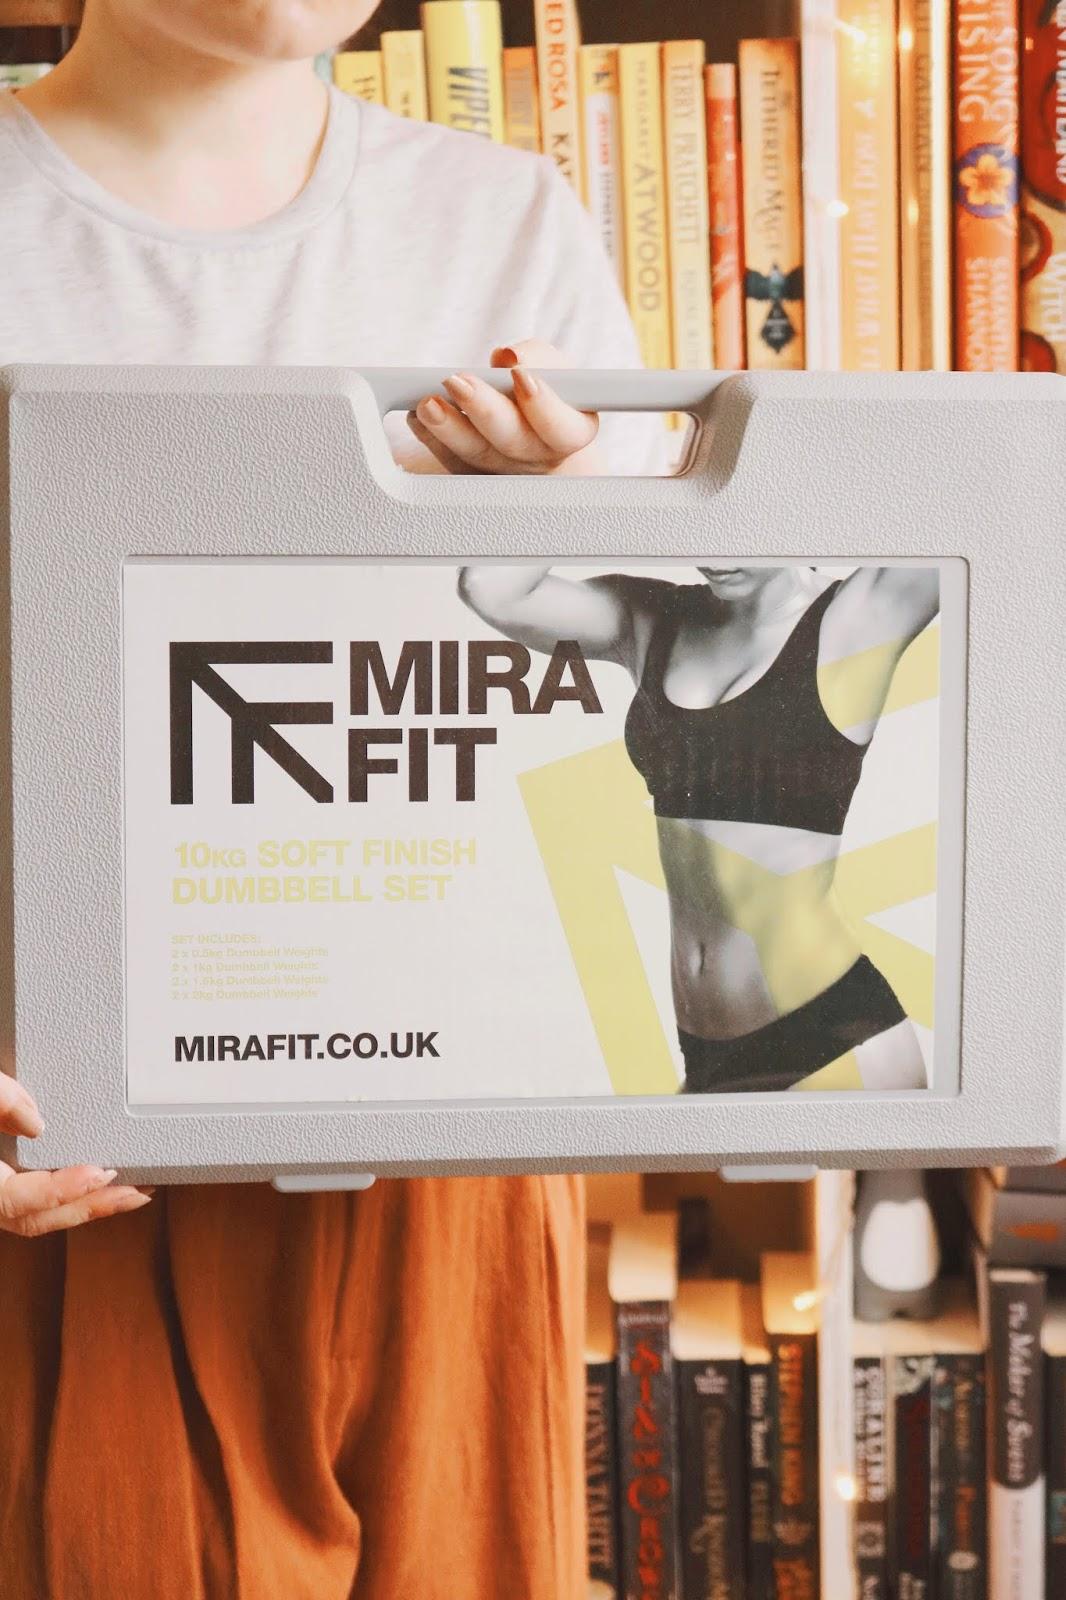 Mirafit Dumbbell Set